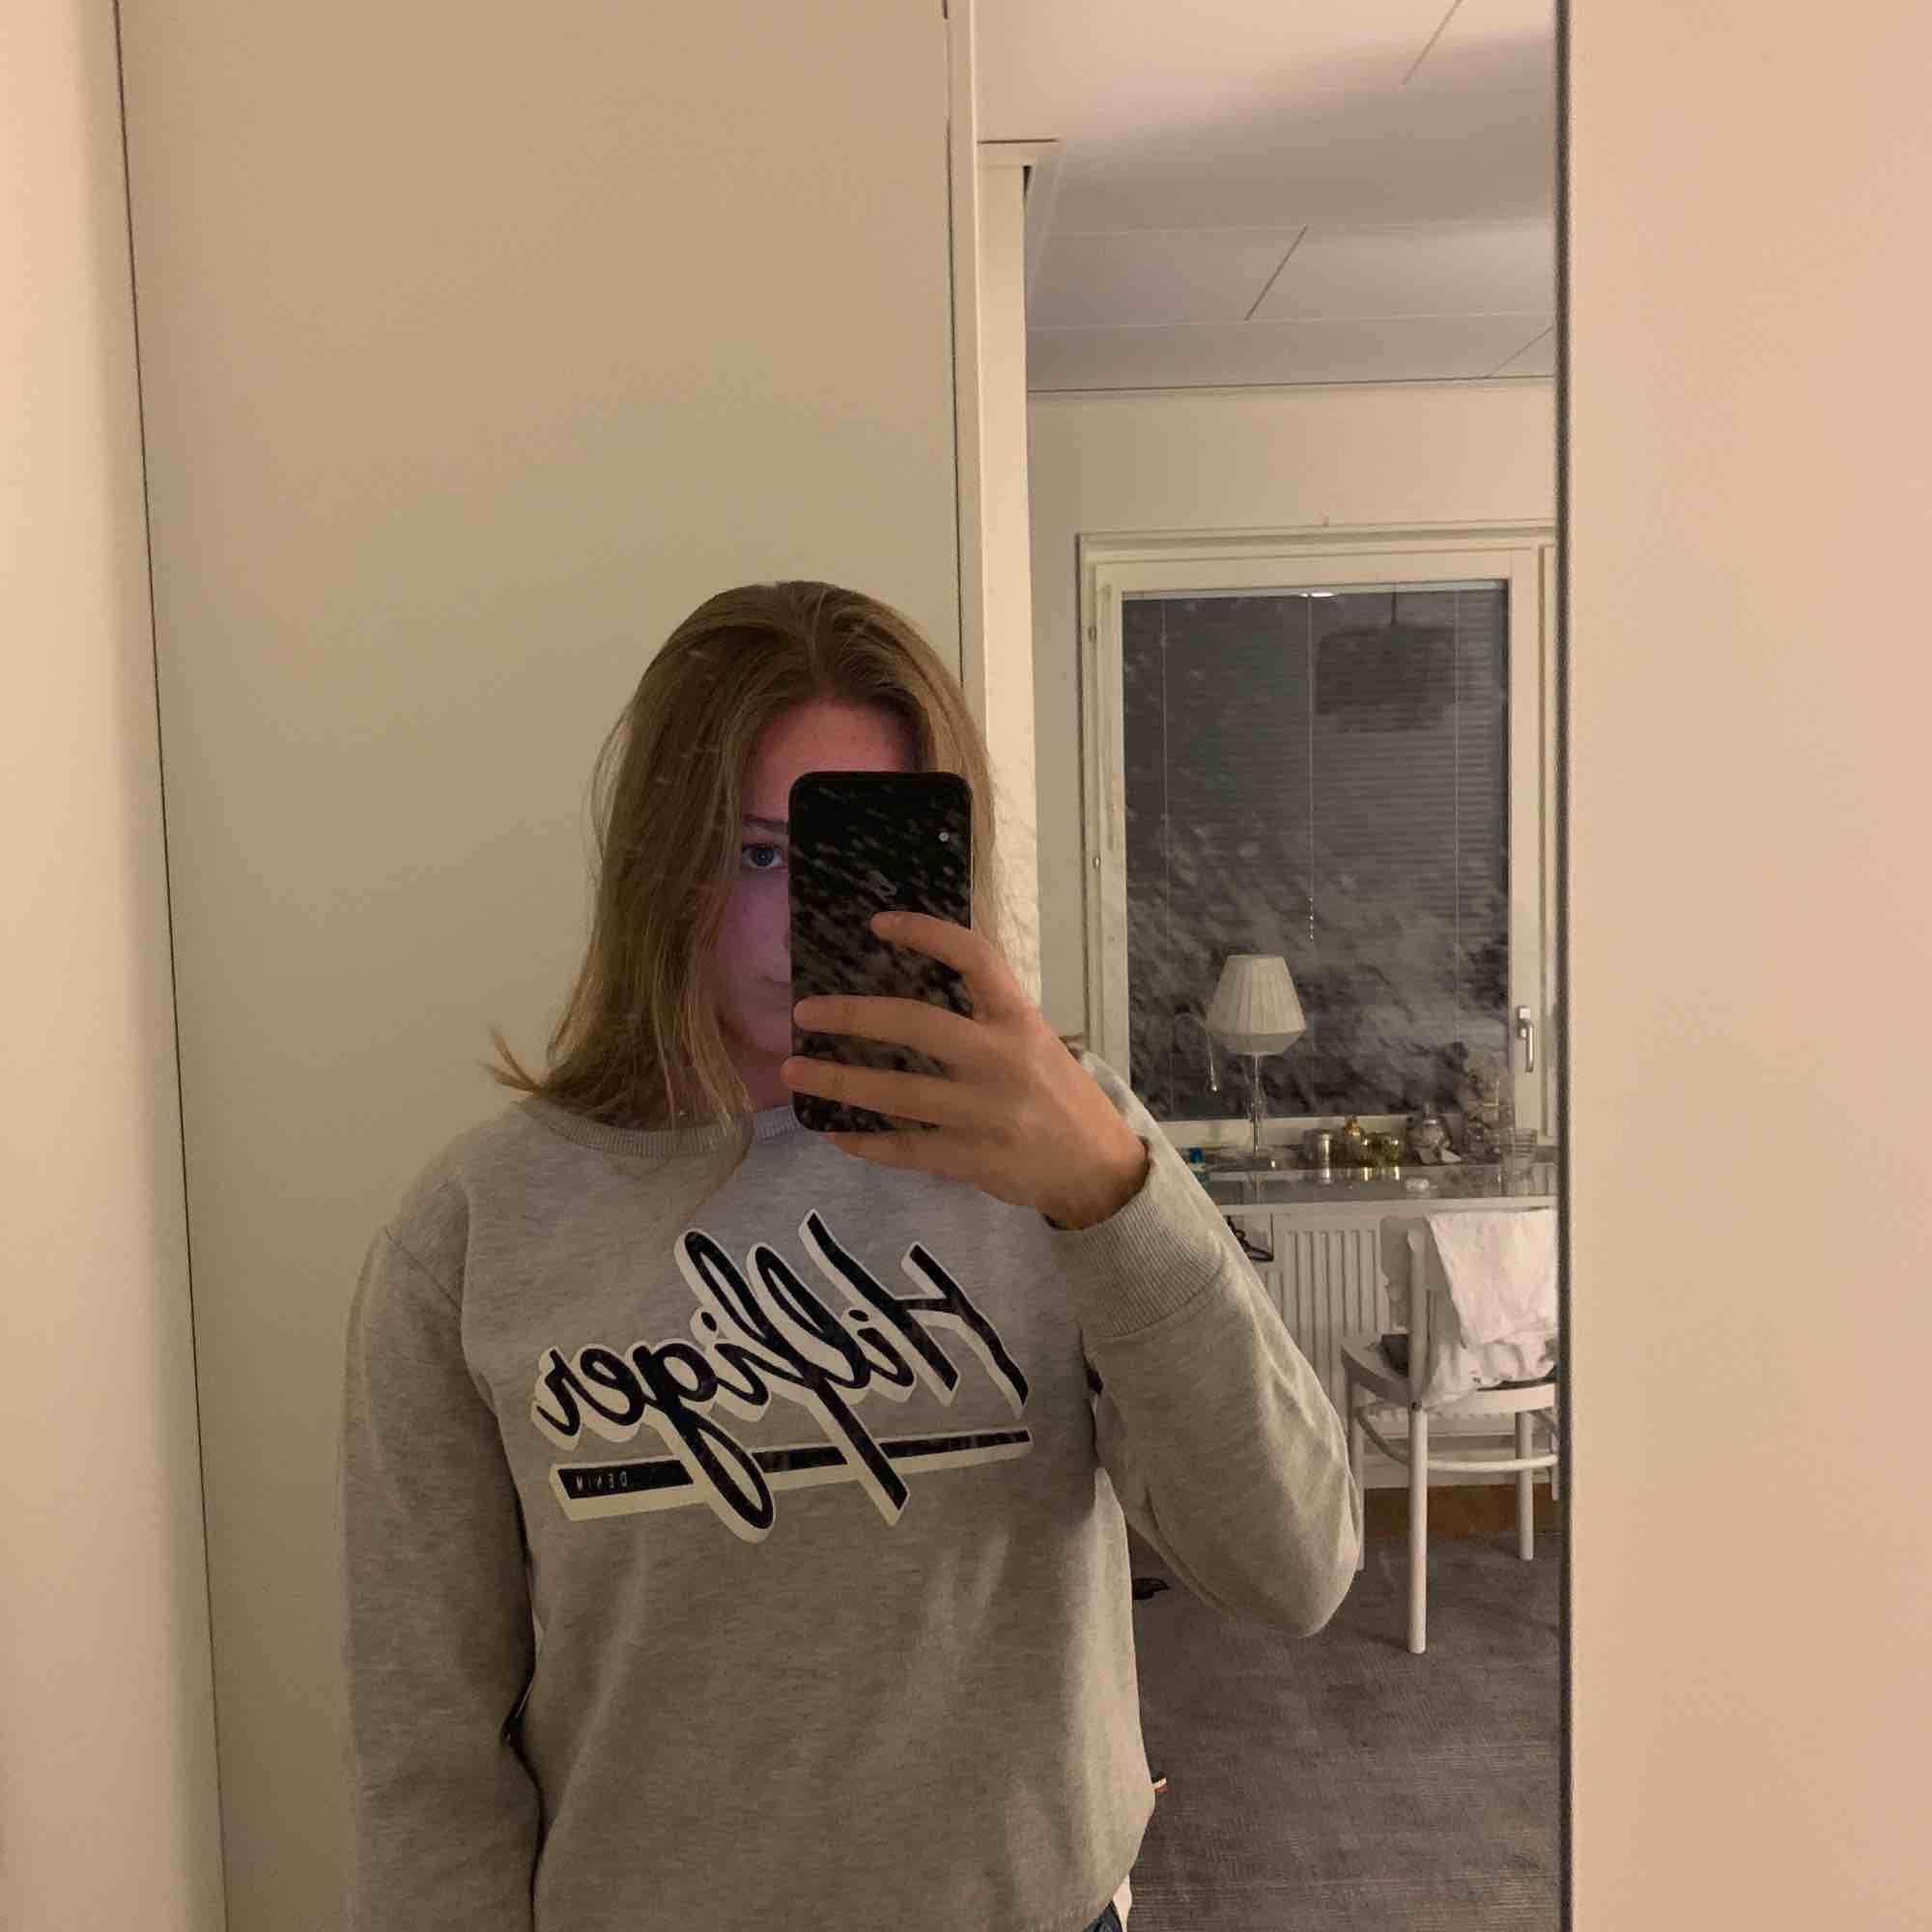 Tommy Hilfiger sweatshirt i storlek M, 6/10 i skick. Inköpt förra sommaren för ca 1000 kronor . Tröjor & Koftor.